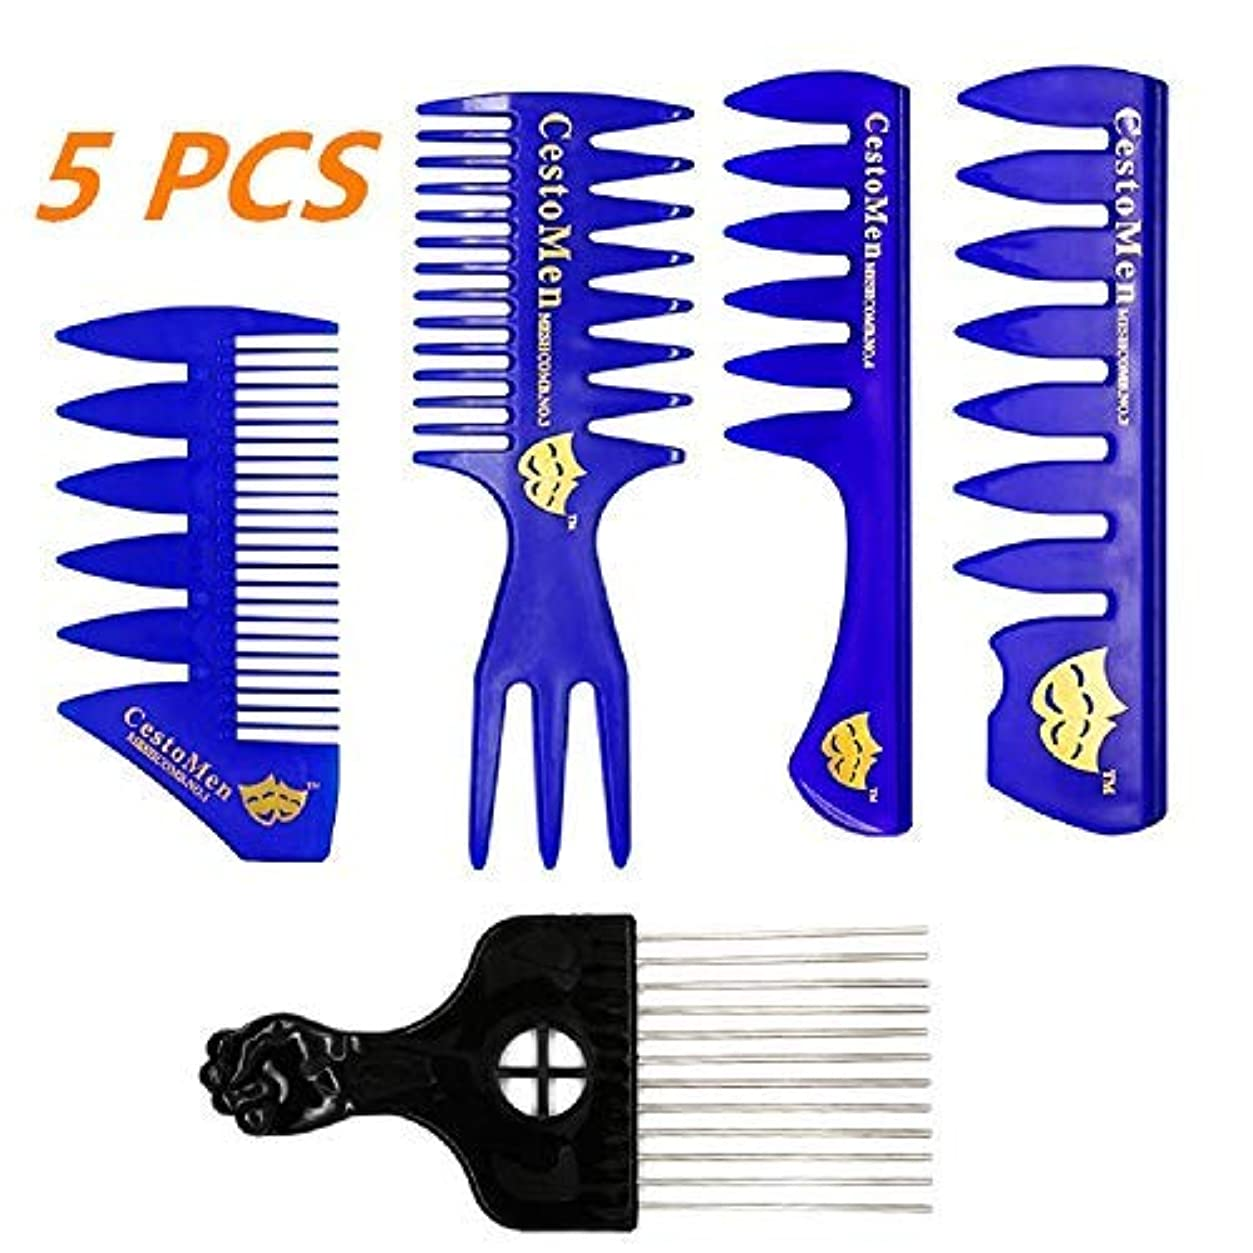 乗り出す基準インタフェース5 PCS Hair Comb Styling Set, Afro Pick Hair & Retro Hairstyle Wet Combs Professional Barber Tool (Blue & Black...